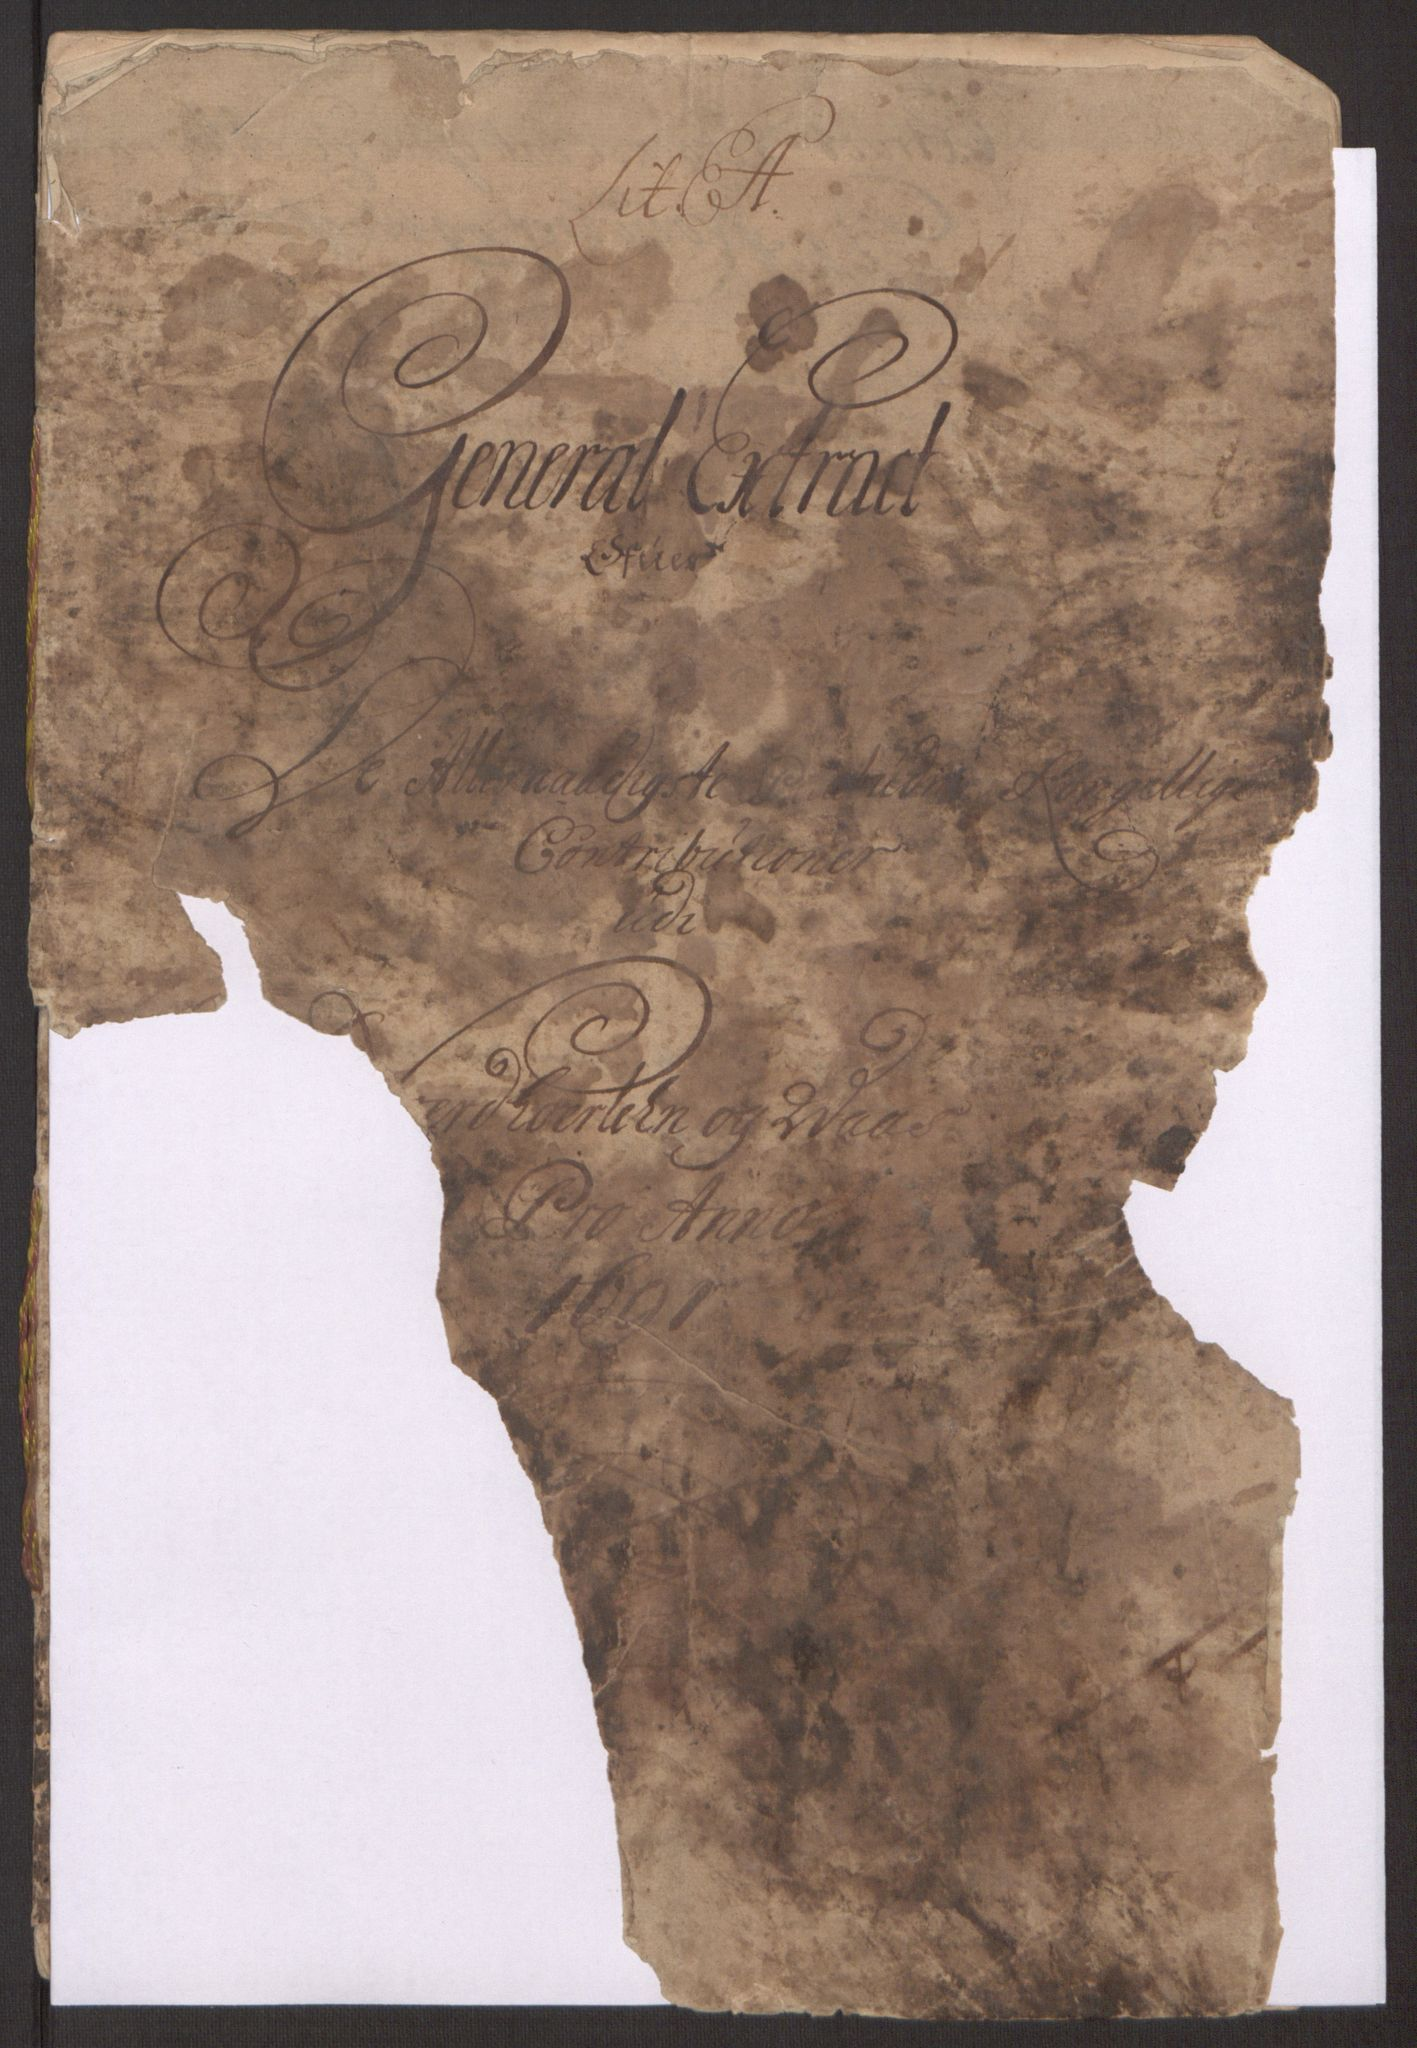 RA, Rentekammeret inntil 1814, Reviderte regnskaper, Fogderegnskap, R51/L3181: Fogderegnskap Nordhordland og Voss, 1691-1692, s. 3